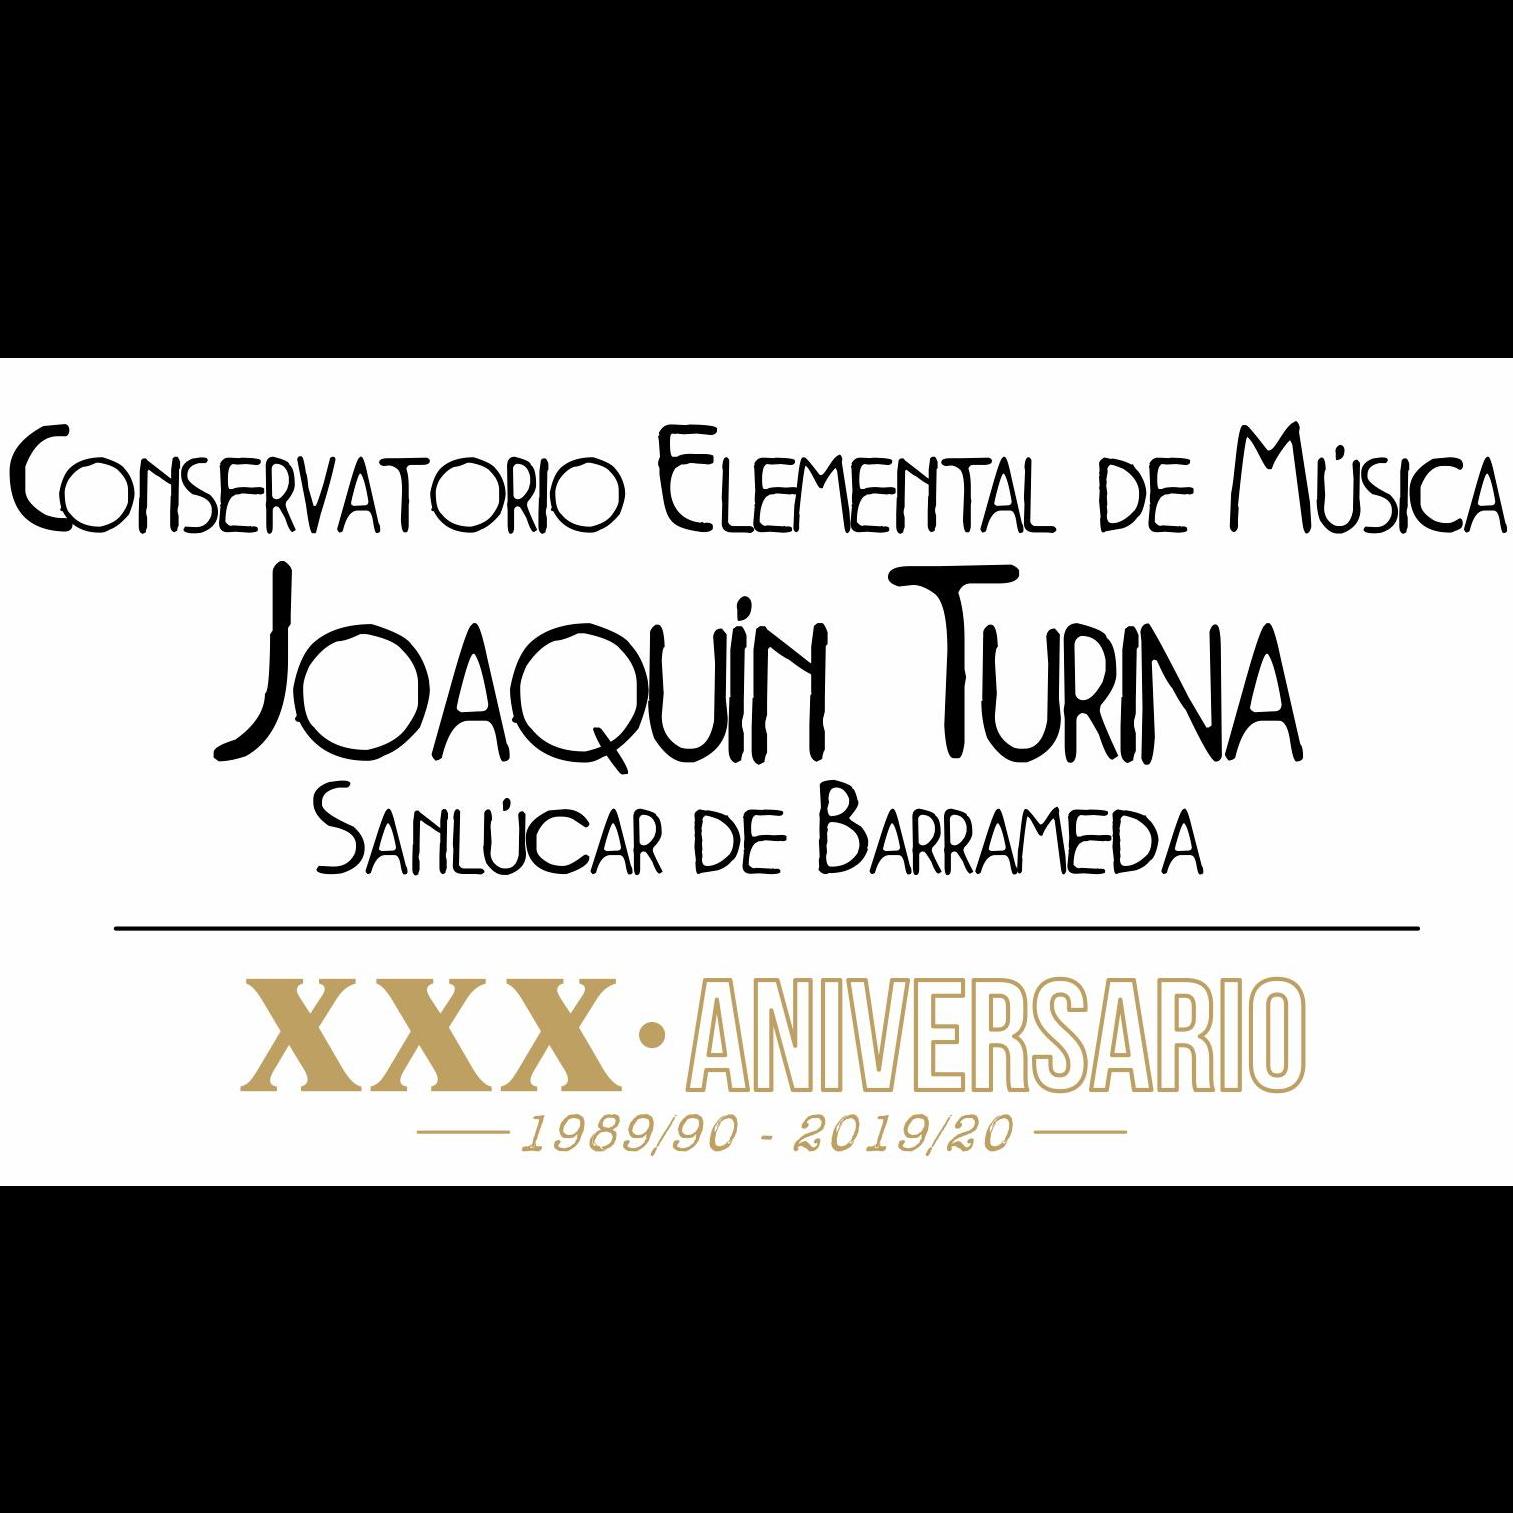 C.M.E. Joaquín Turina - Sanlúcar de Barrameda